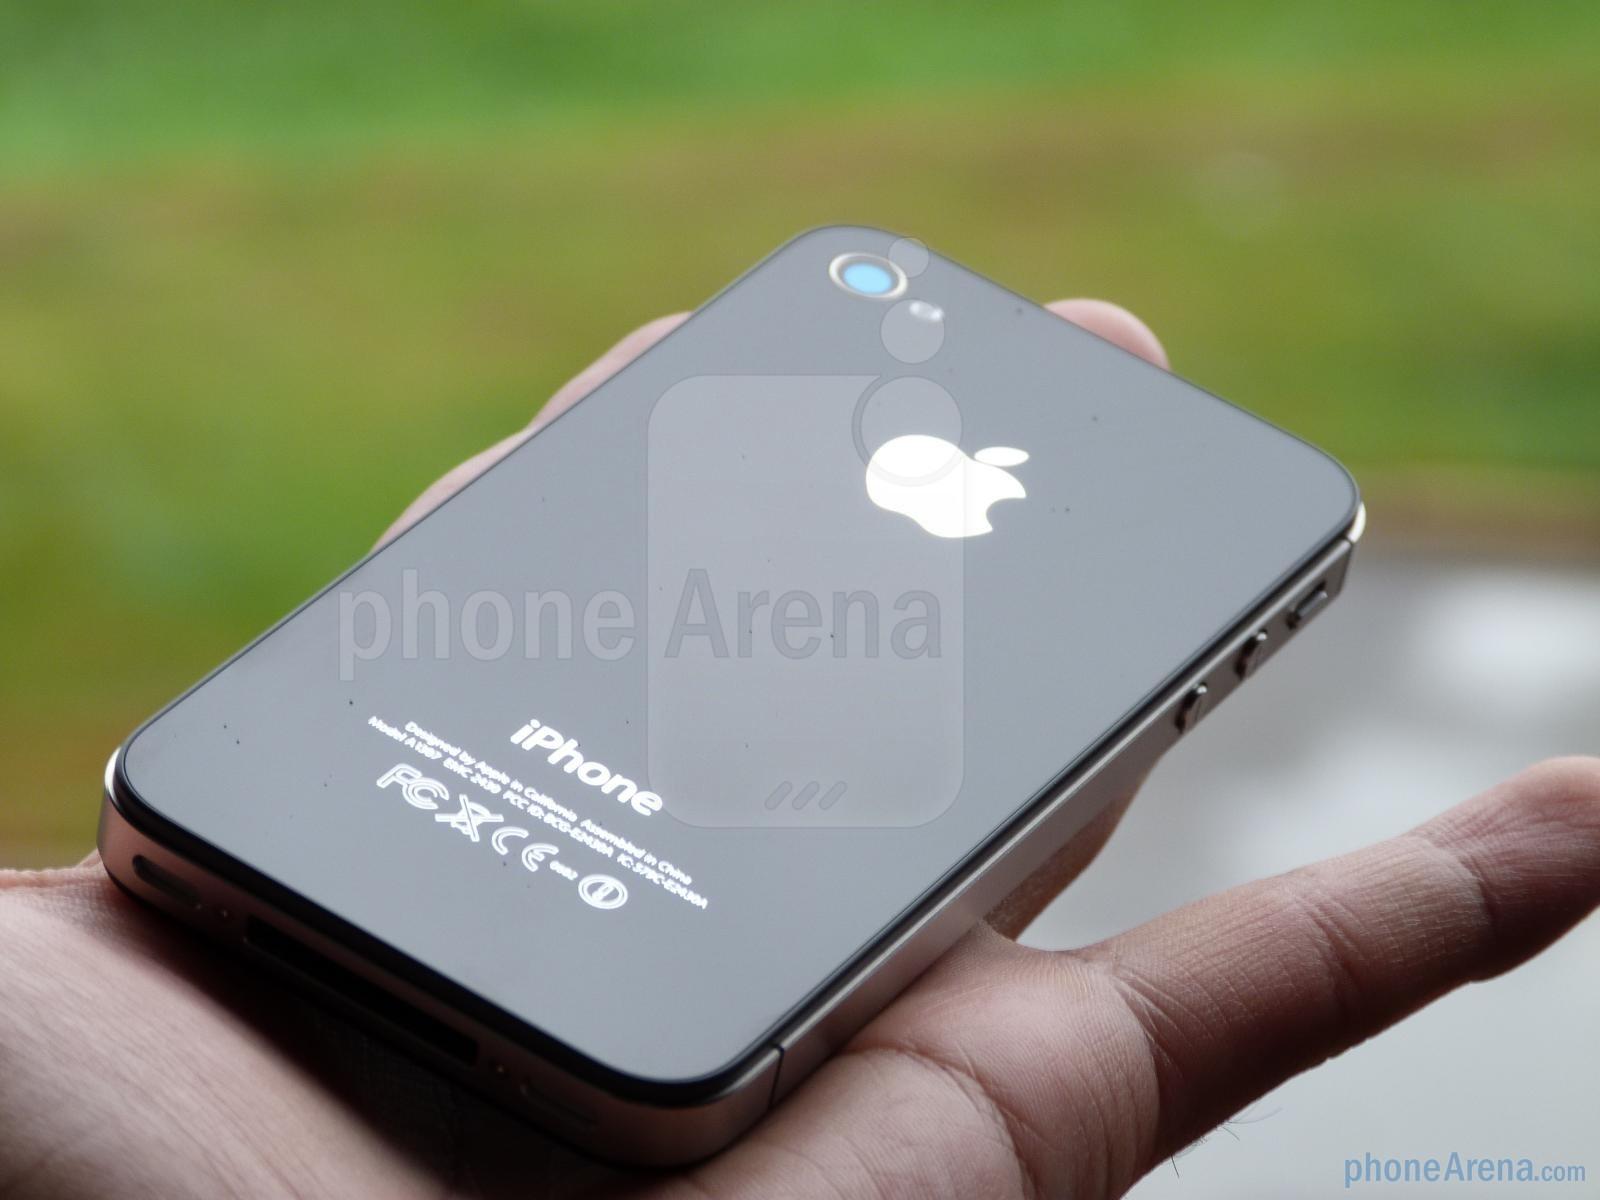 iPhone 4s 16GB 05